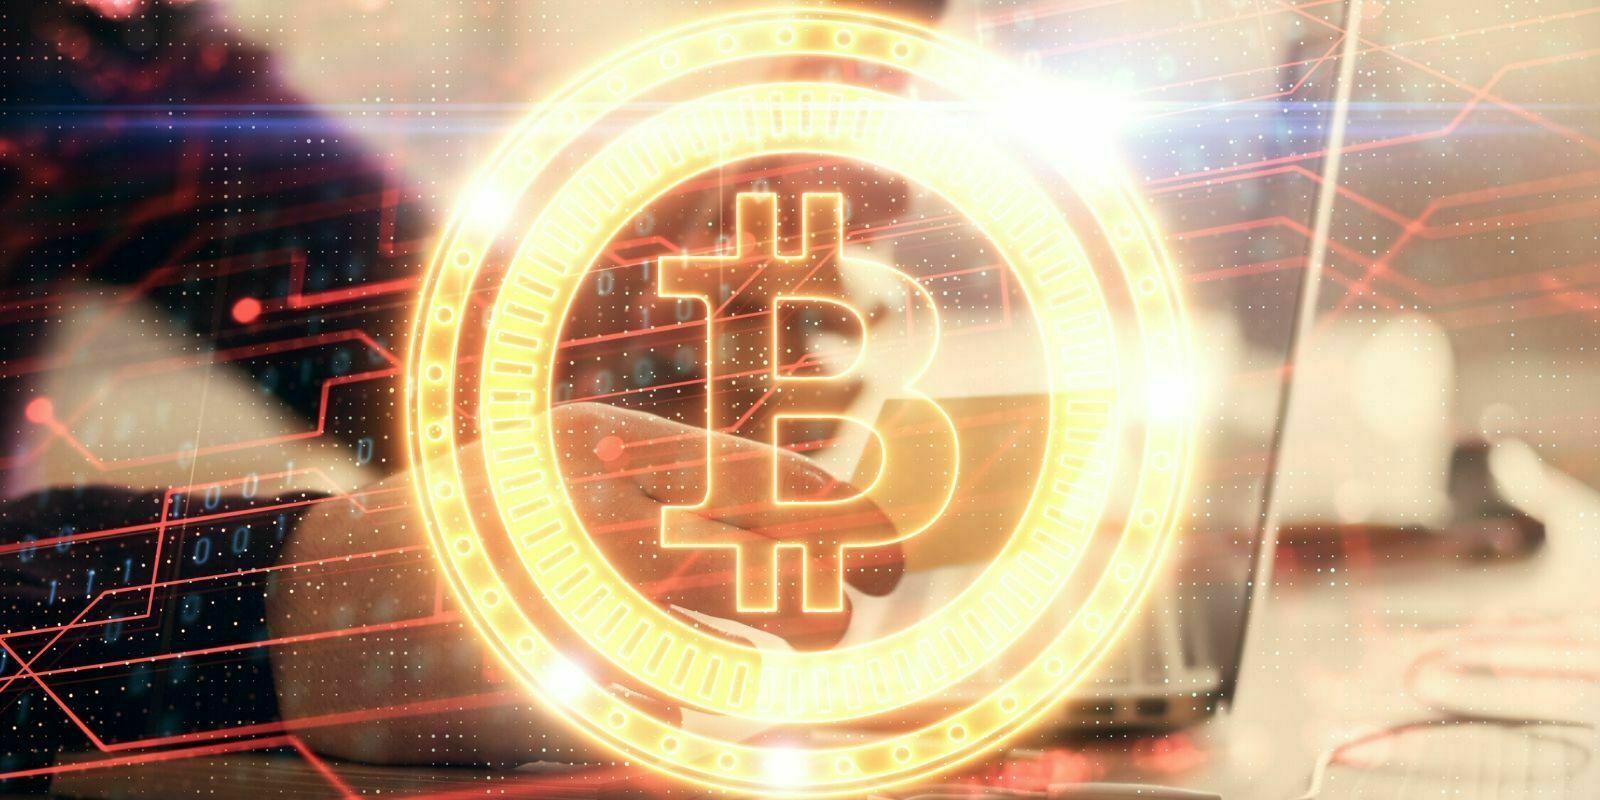 Peut-on envoyer des bitcoins par email ?